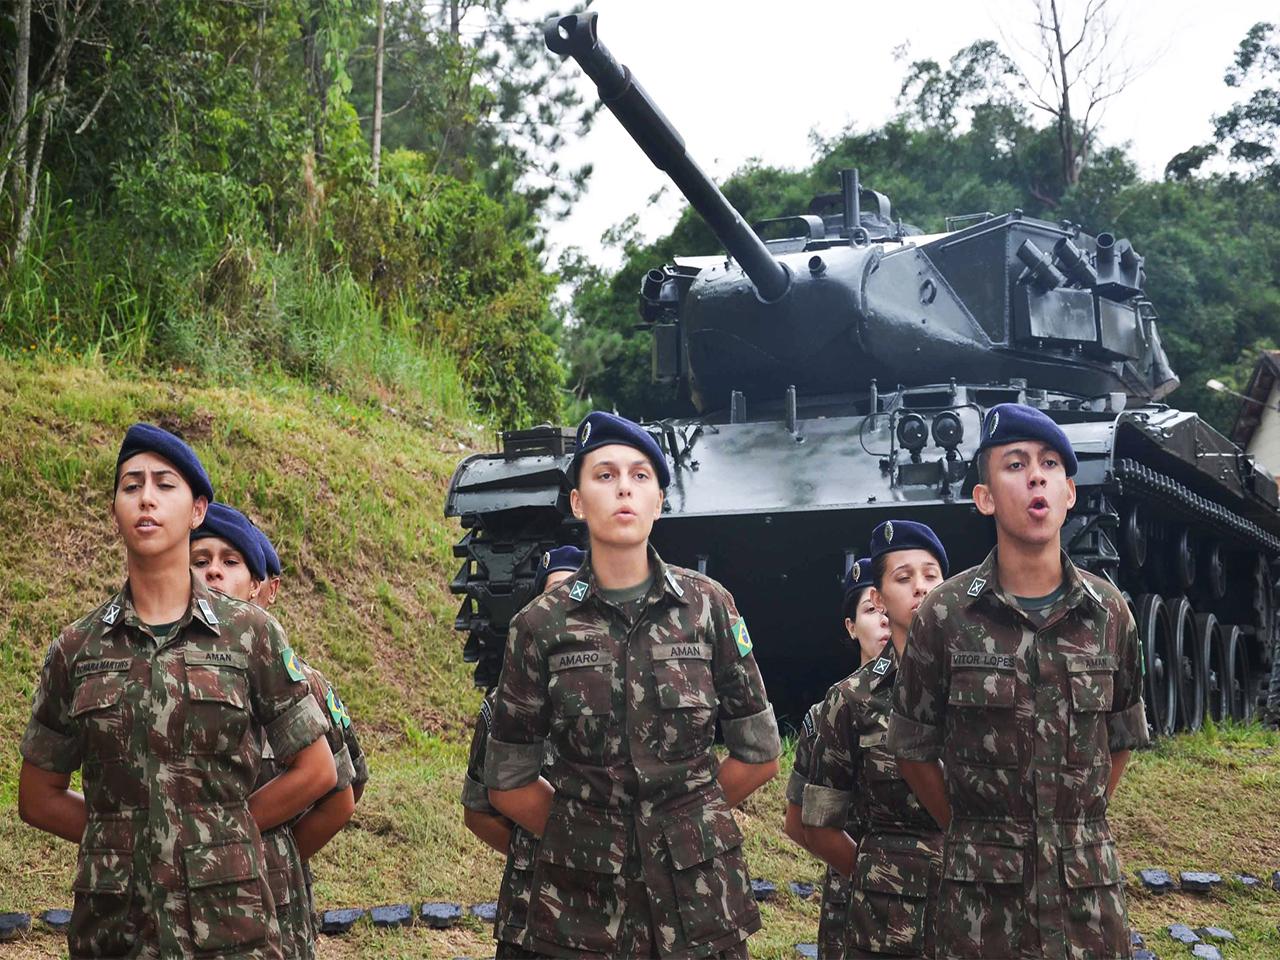 Exército Brasileiro forma em 2021 primeira turma de mulheres combatentes